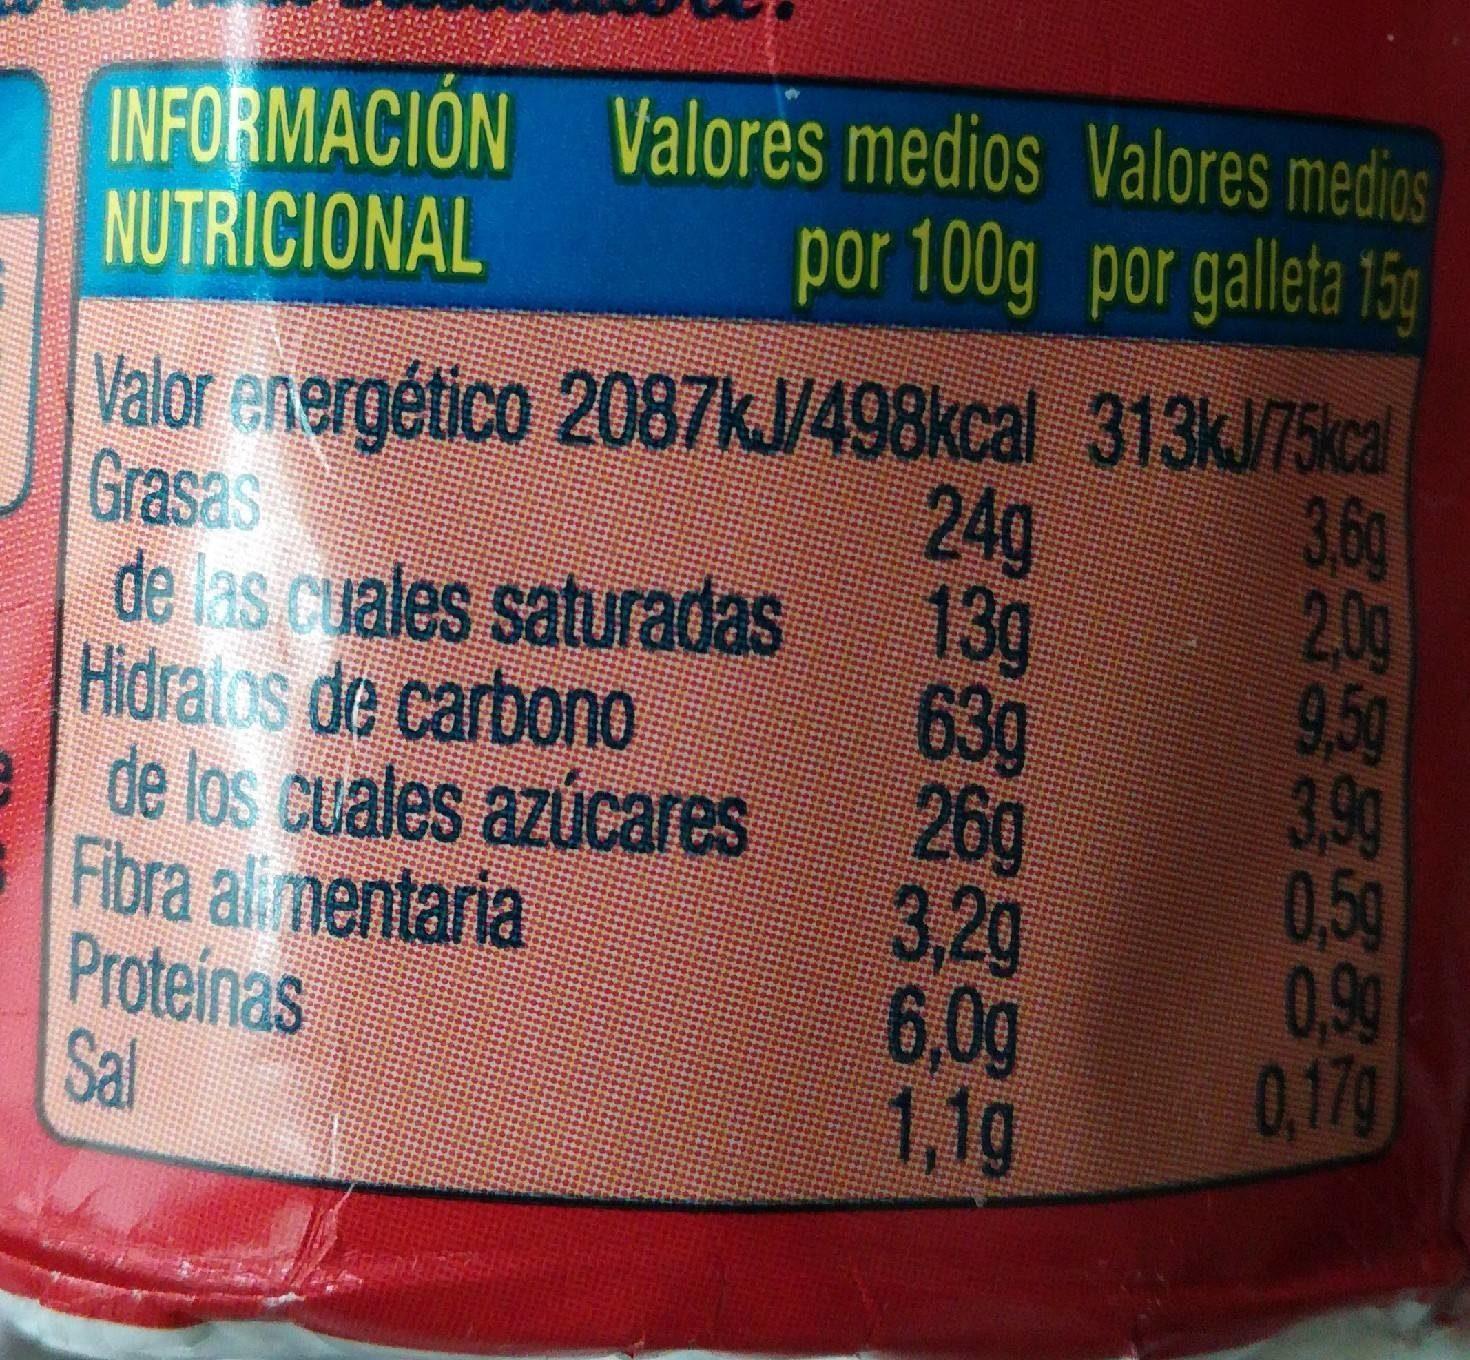 Digestive Chocolate Galletas con Leche - Información nutricional